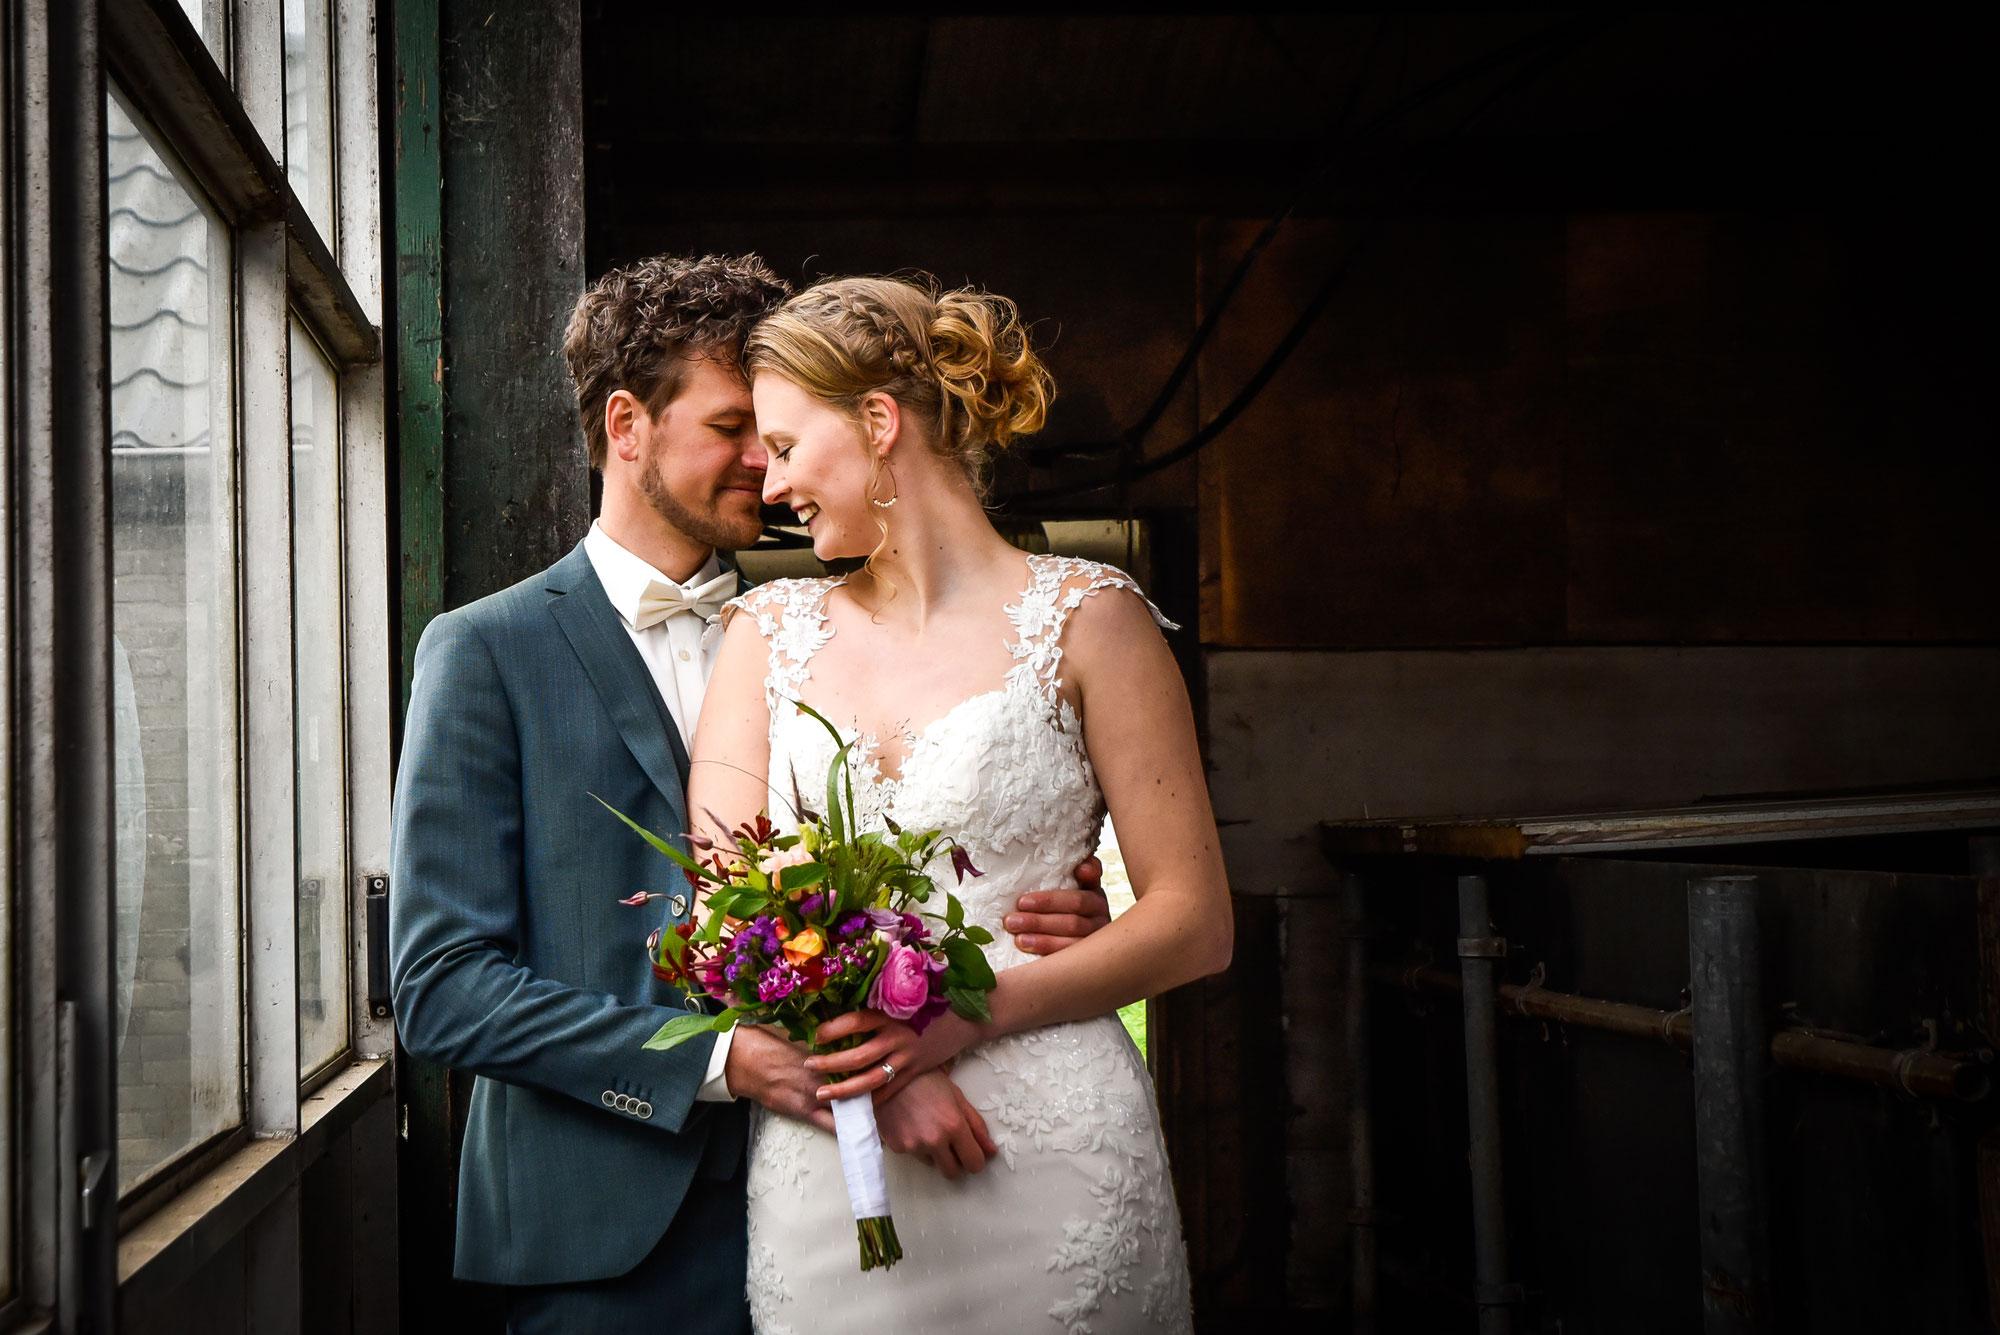 Corali Photography, huwelijksfotograaf in Hauwert (Noord-Holland)